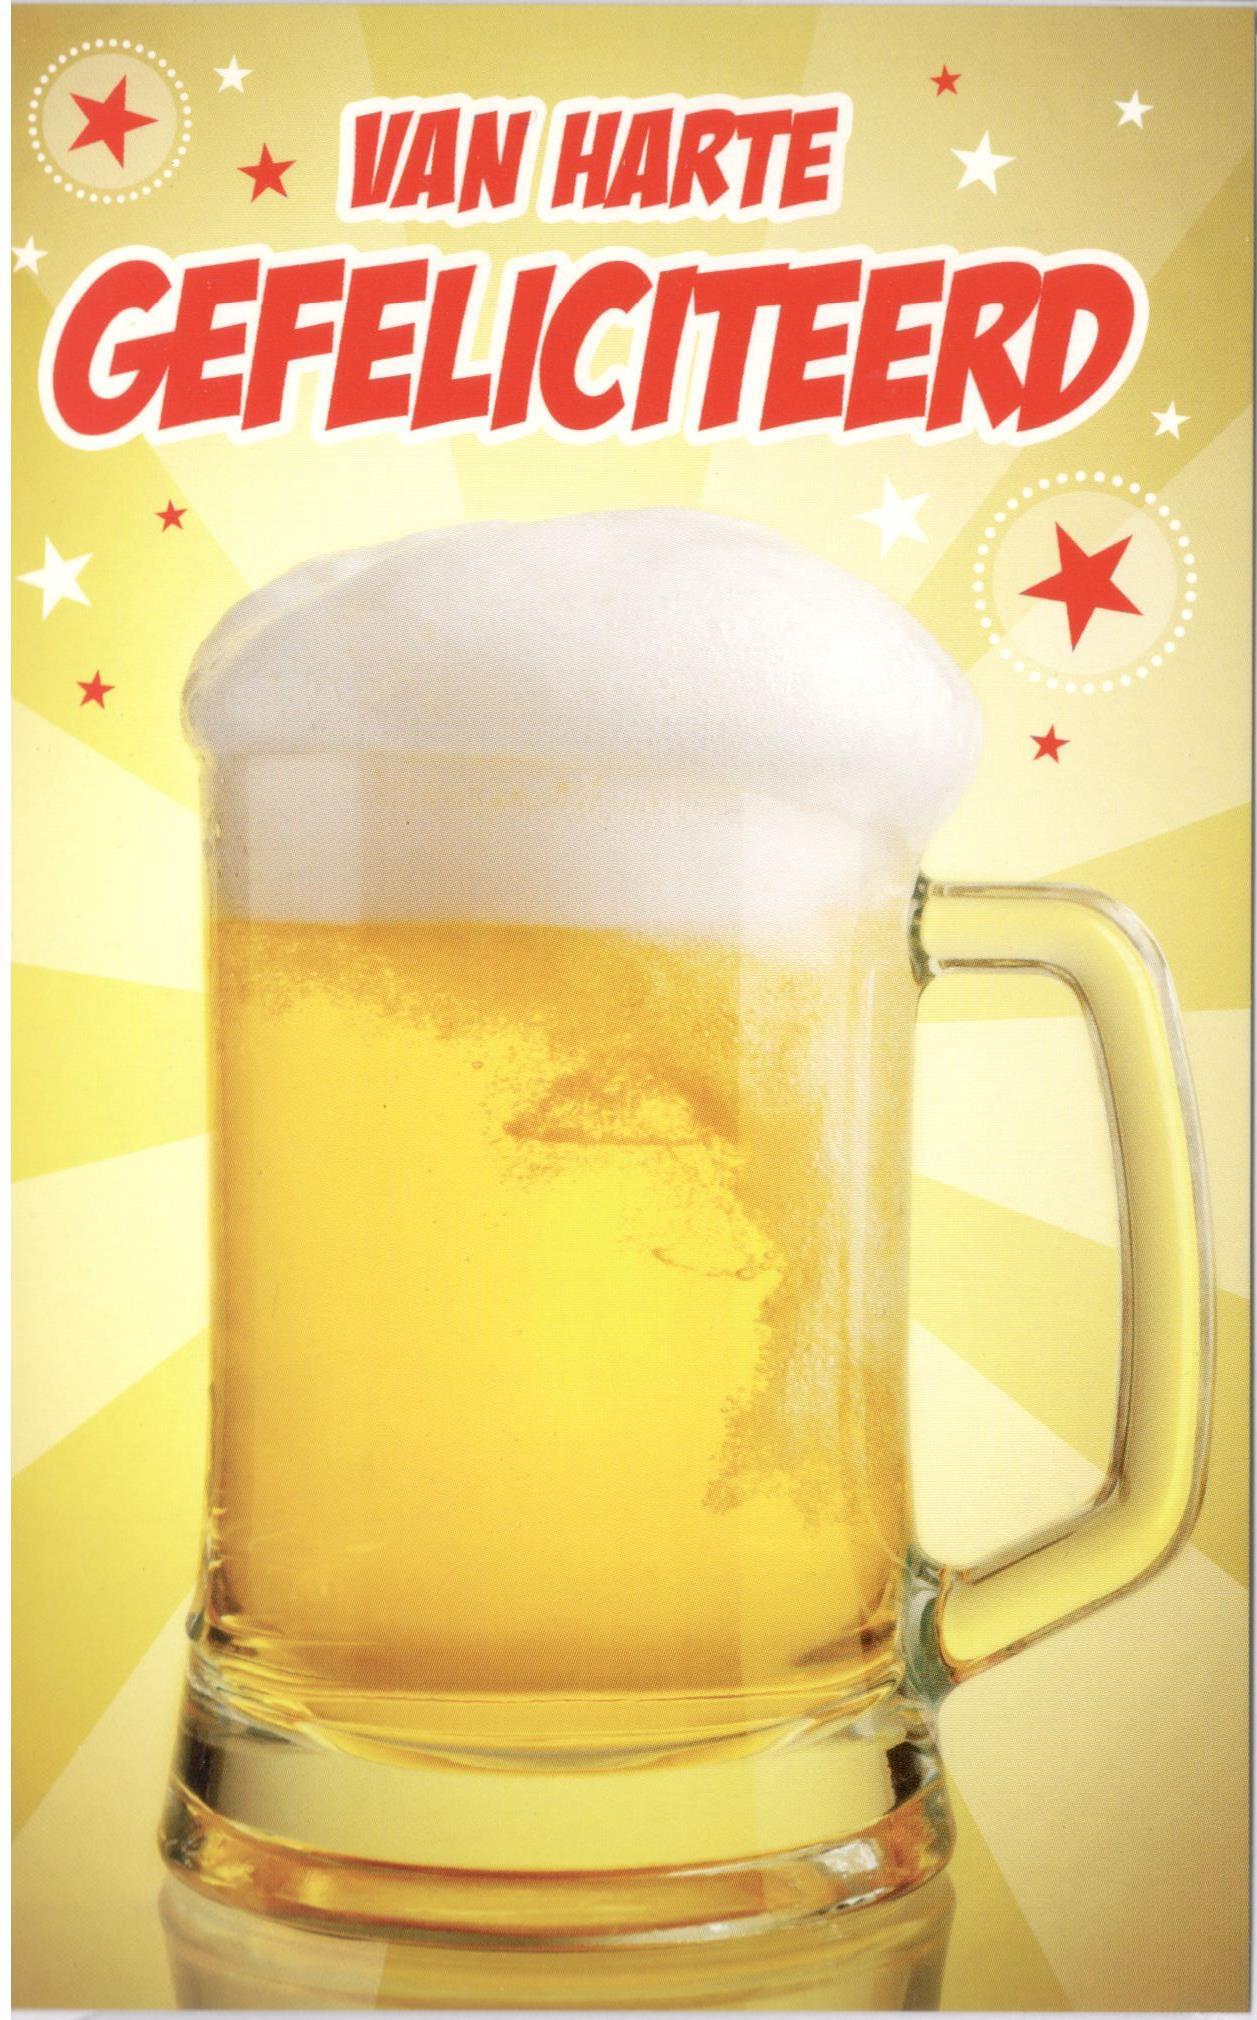 van harte gefeliciteerd biertje